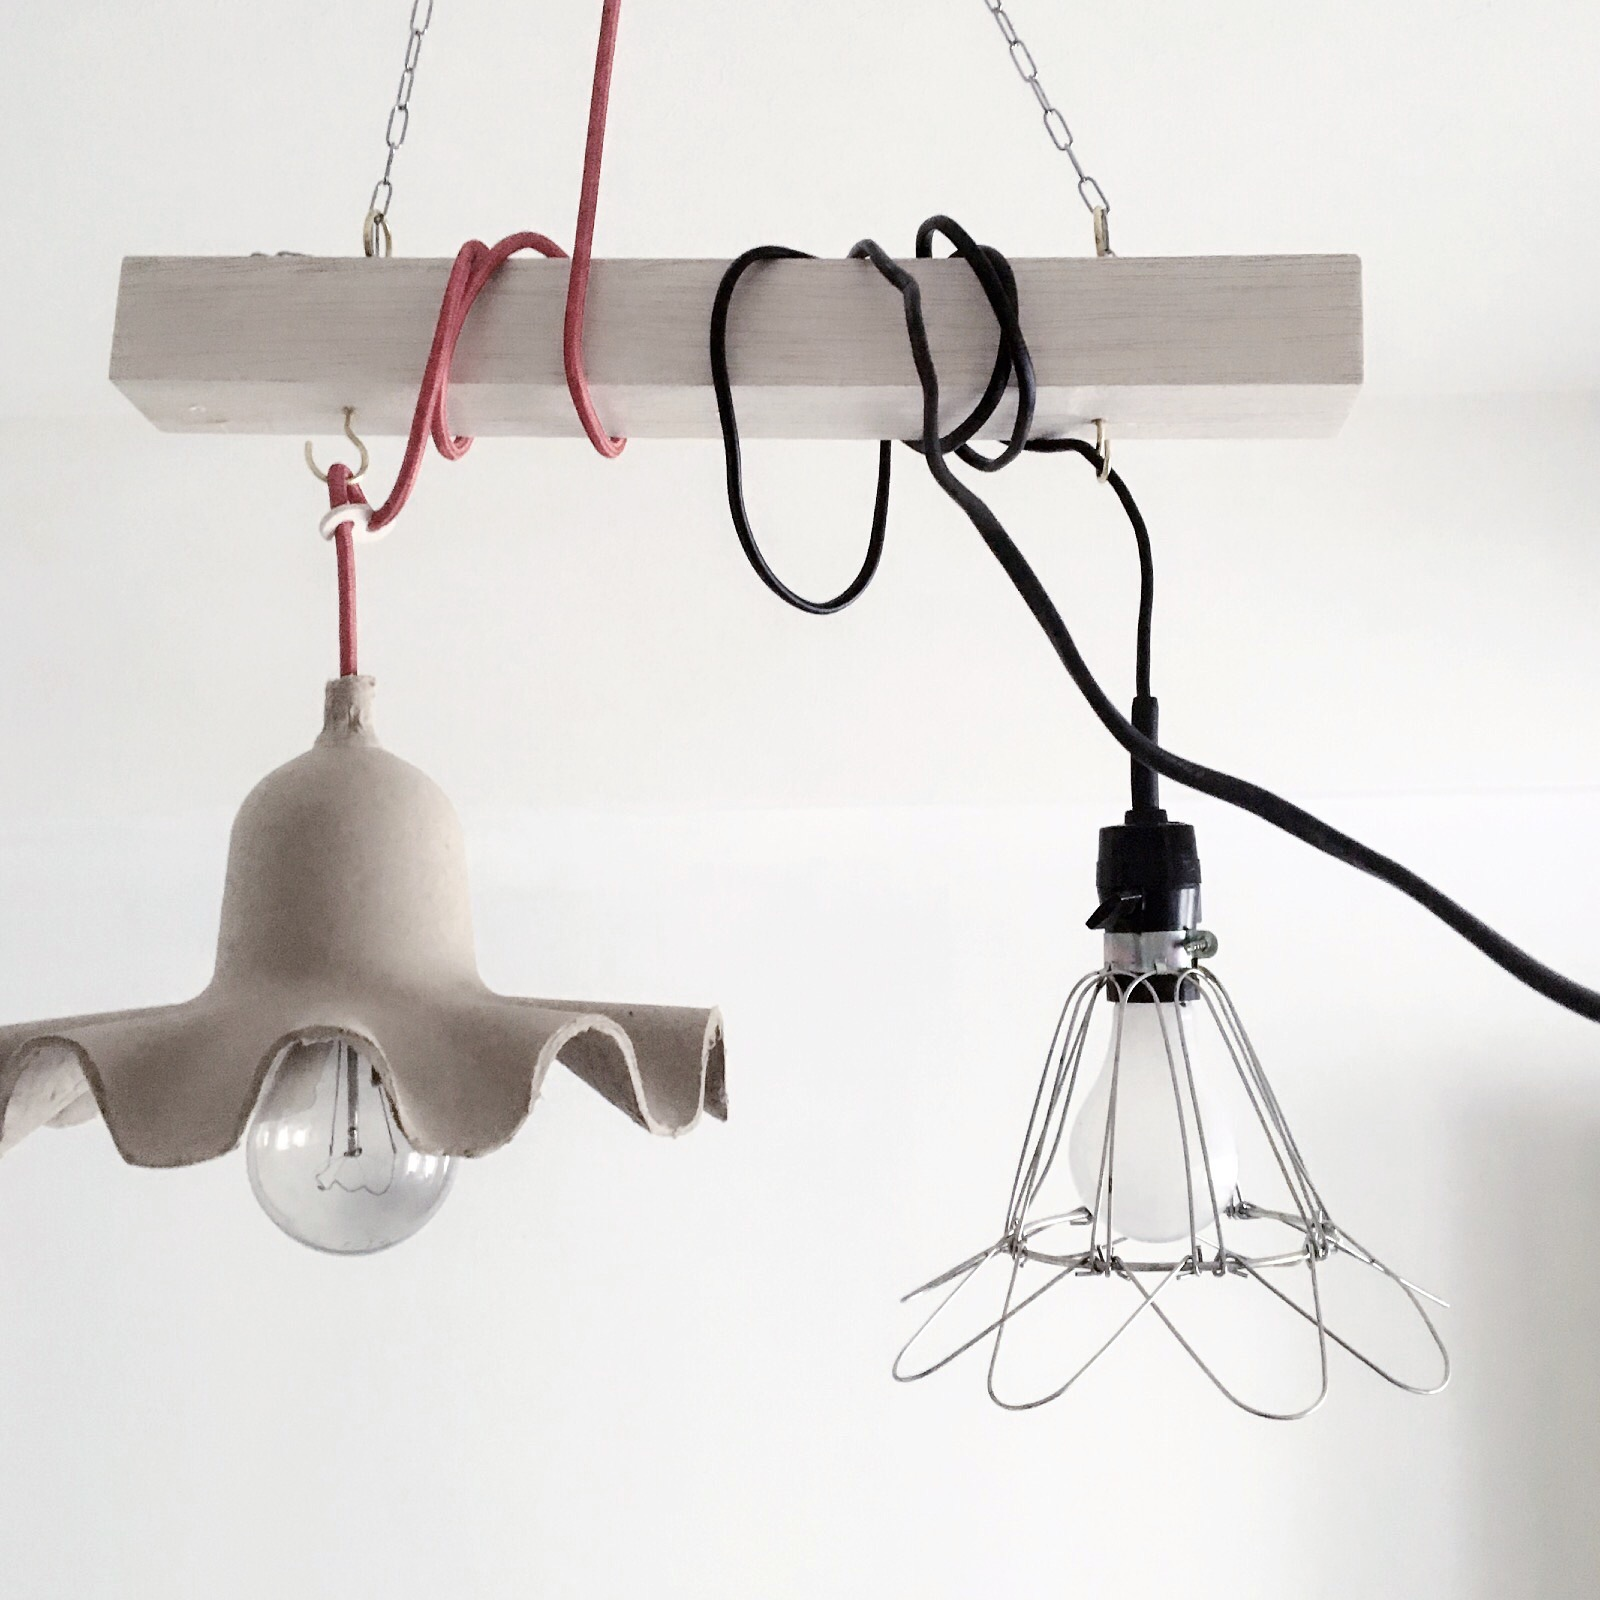 低い天井でもおしゃれに見せるペンダントライトの DIY 方法#DIY